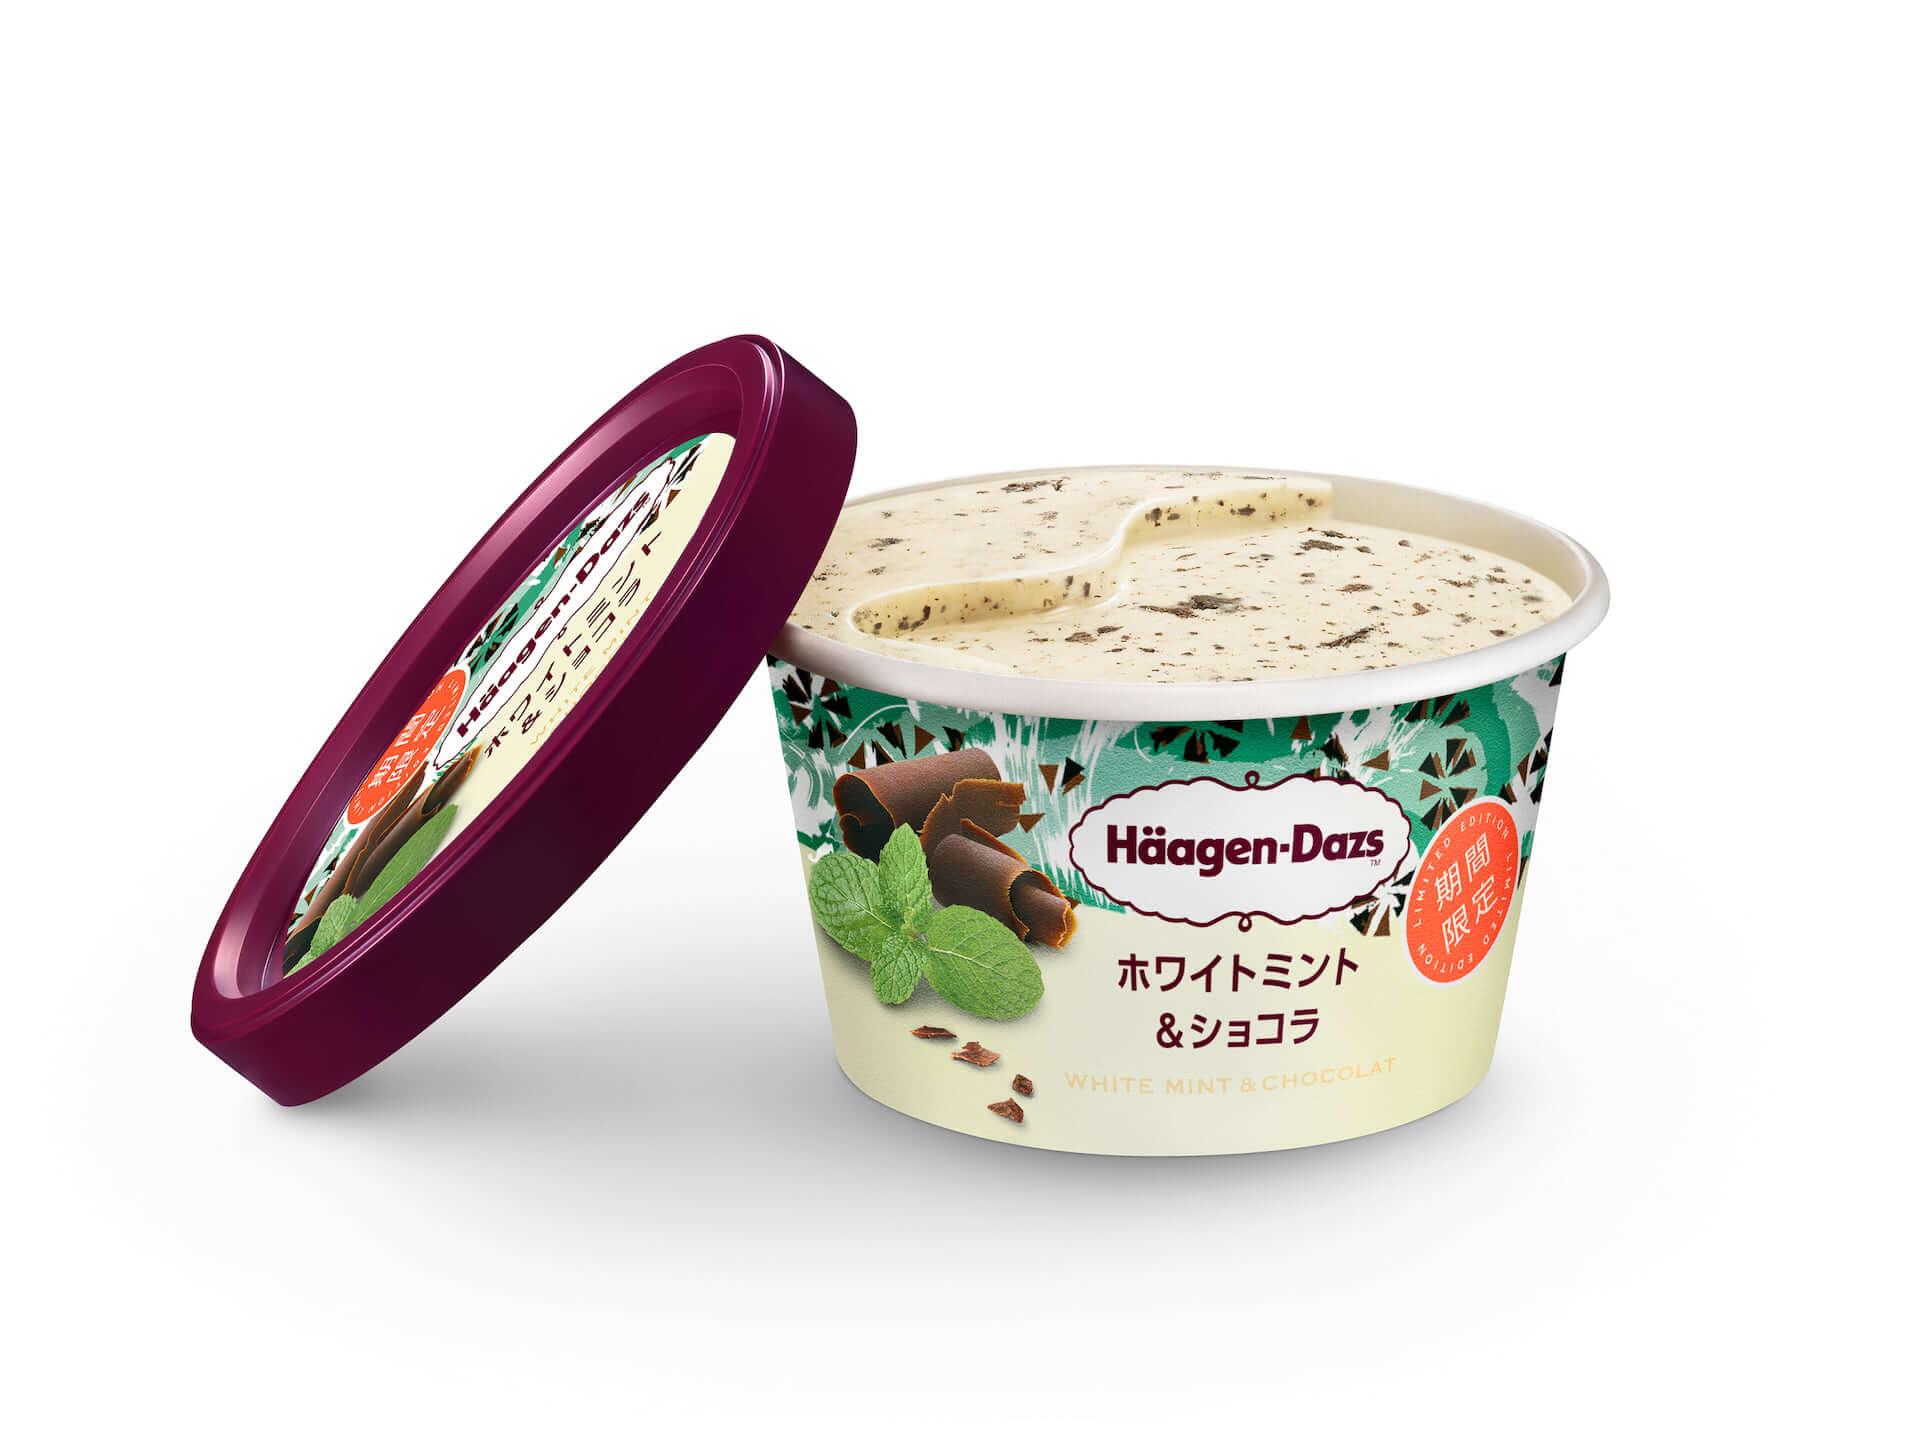 3年ぶりの登場!ハーゲンダッツミニカップのチョコミントフレーバー『ホワイトミント&ショコラ』が期間限定で新発売 gourmet200309_minicup_3-1920x1442